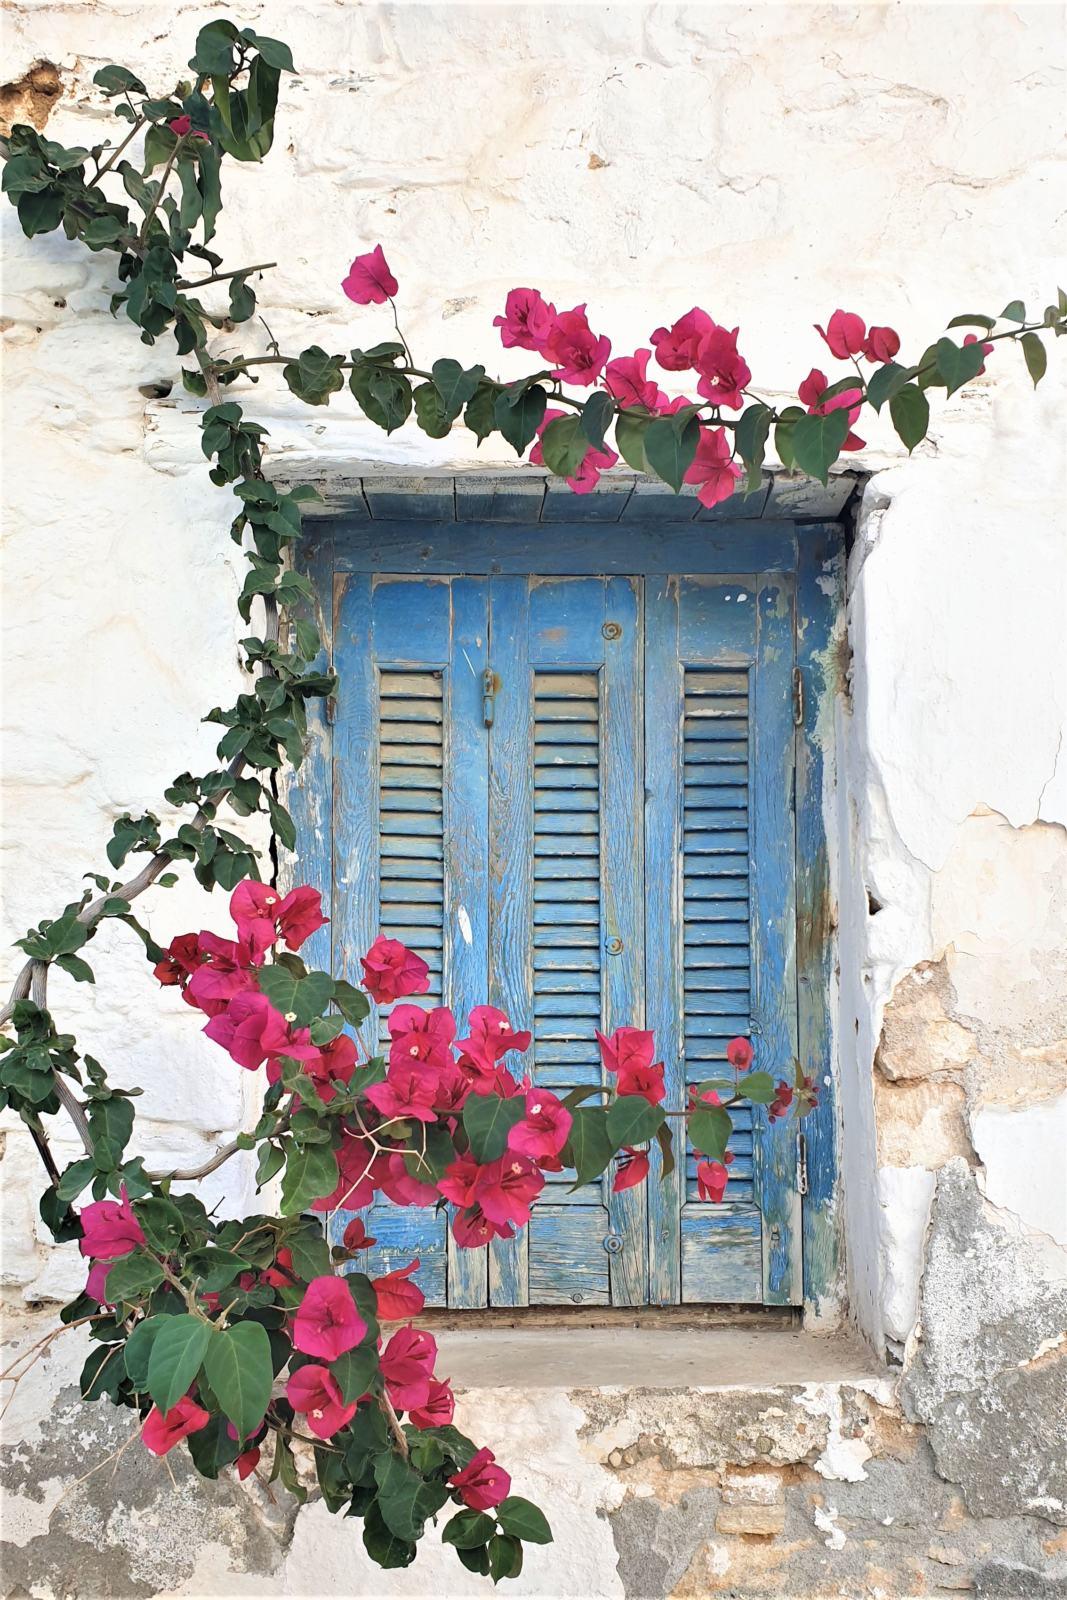 Persiane e Bouganville case del Kastro - Isola di Folegandros